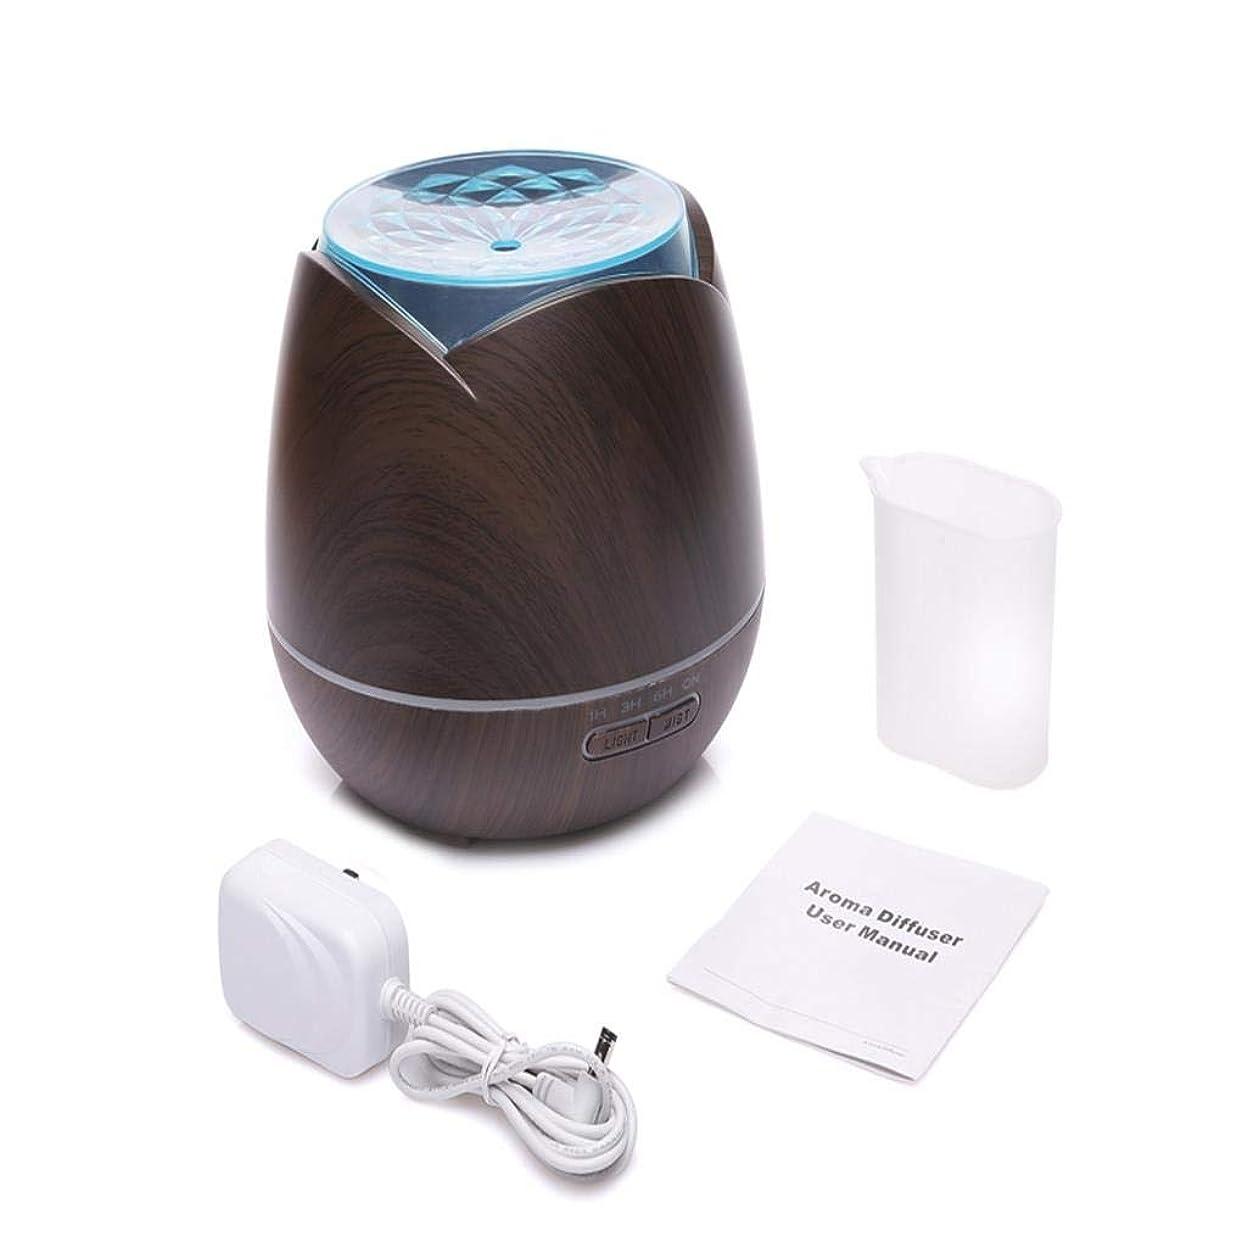 インフレーション遺棄されたシエスタ騒音30dB 以下 アロマディフューザー( ミスト アロマ フレグランス 癒し リラックス 調光 LED 寝室 (Color : Dark peach wood)